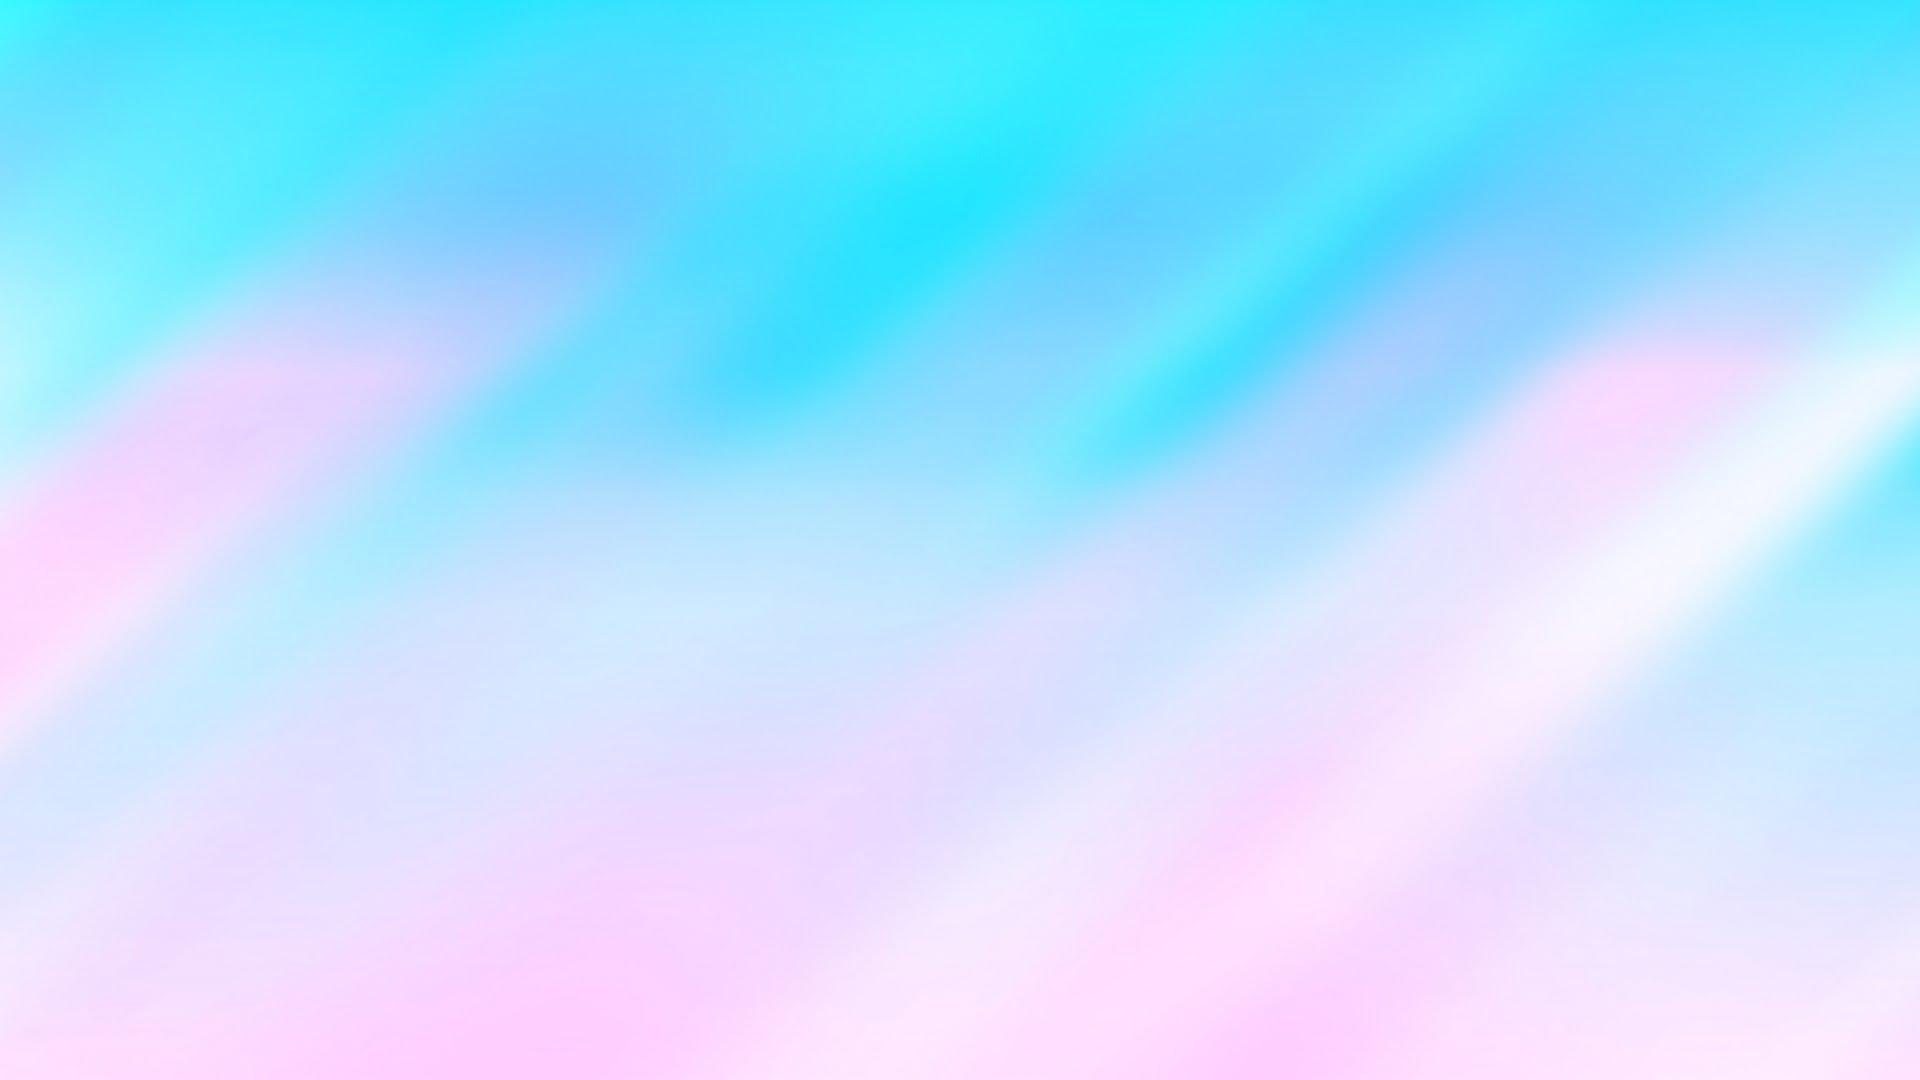 Ảnh nền màu hồng xanh